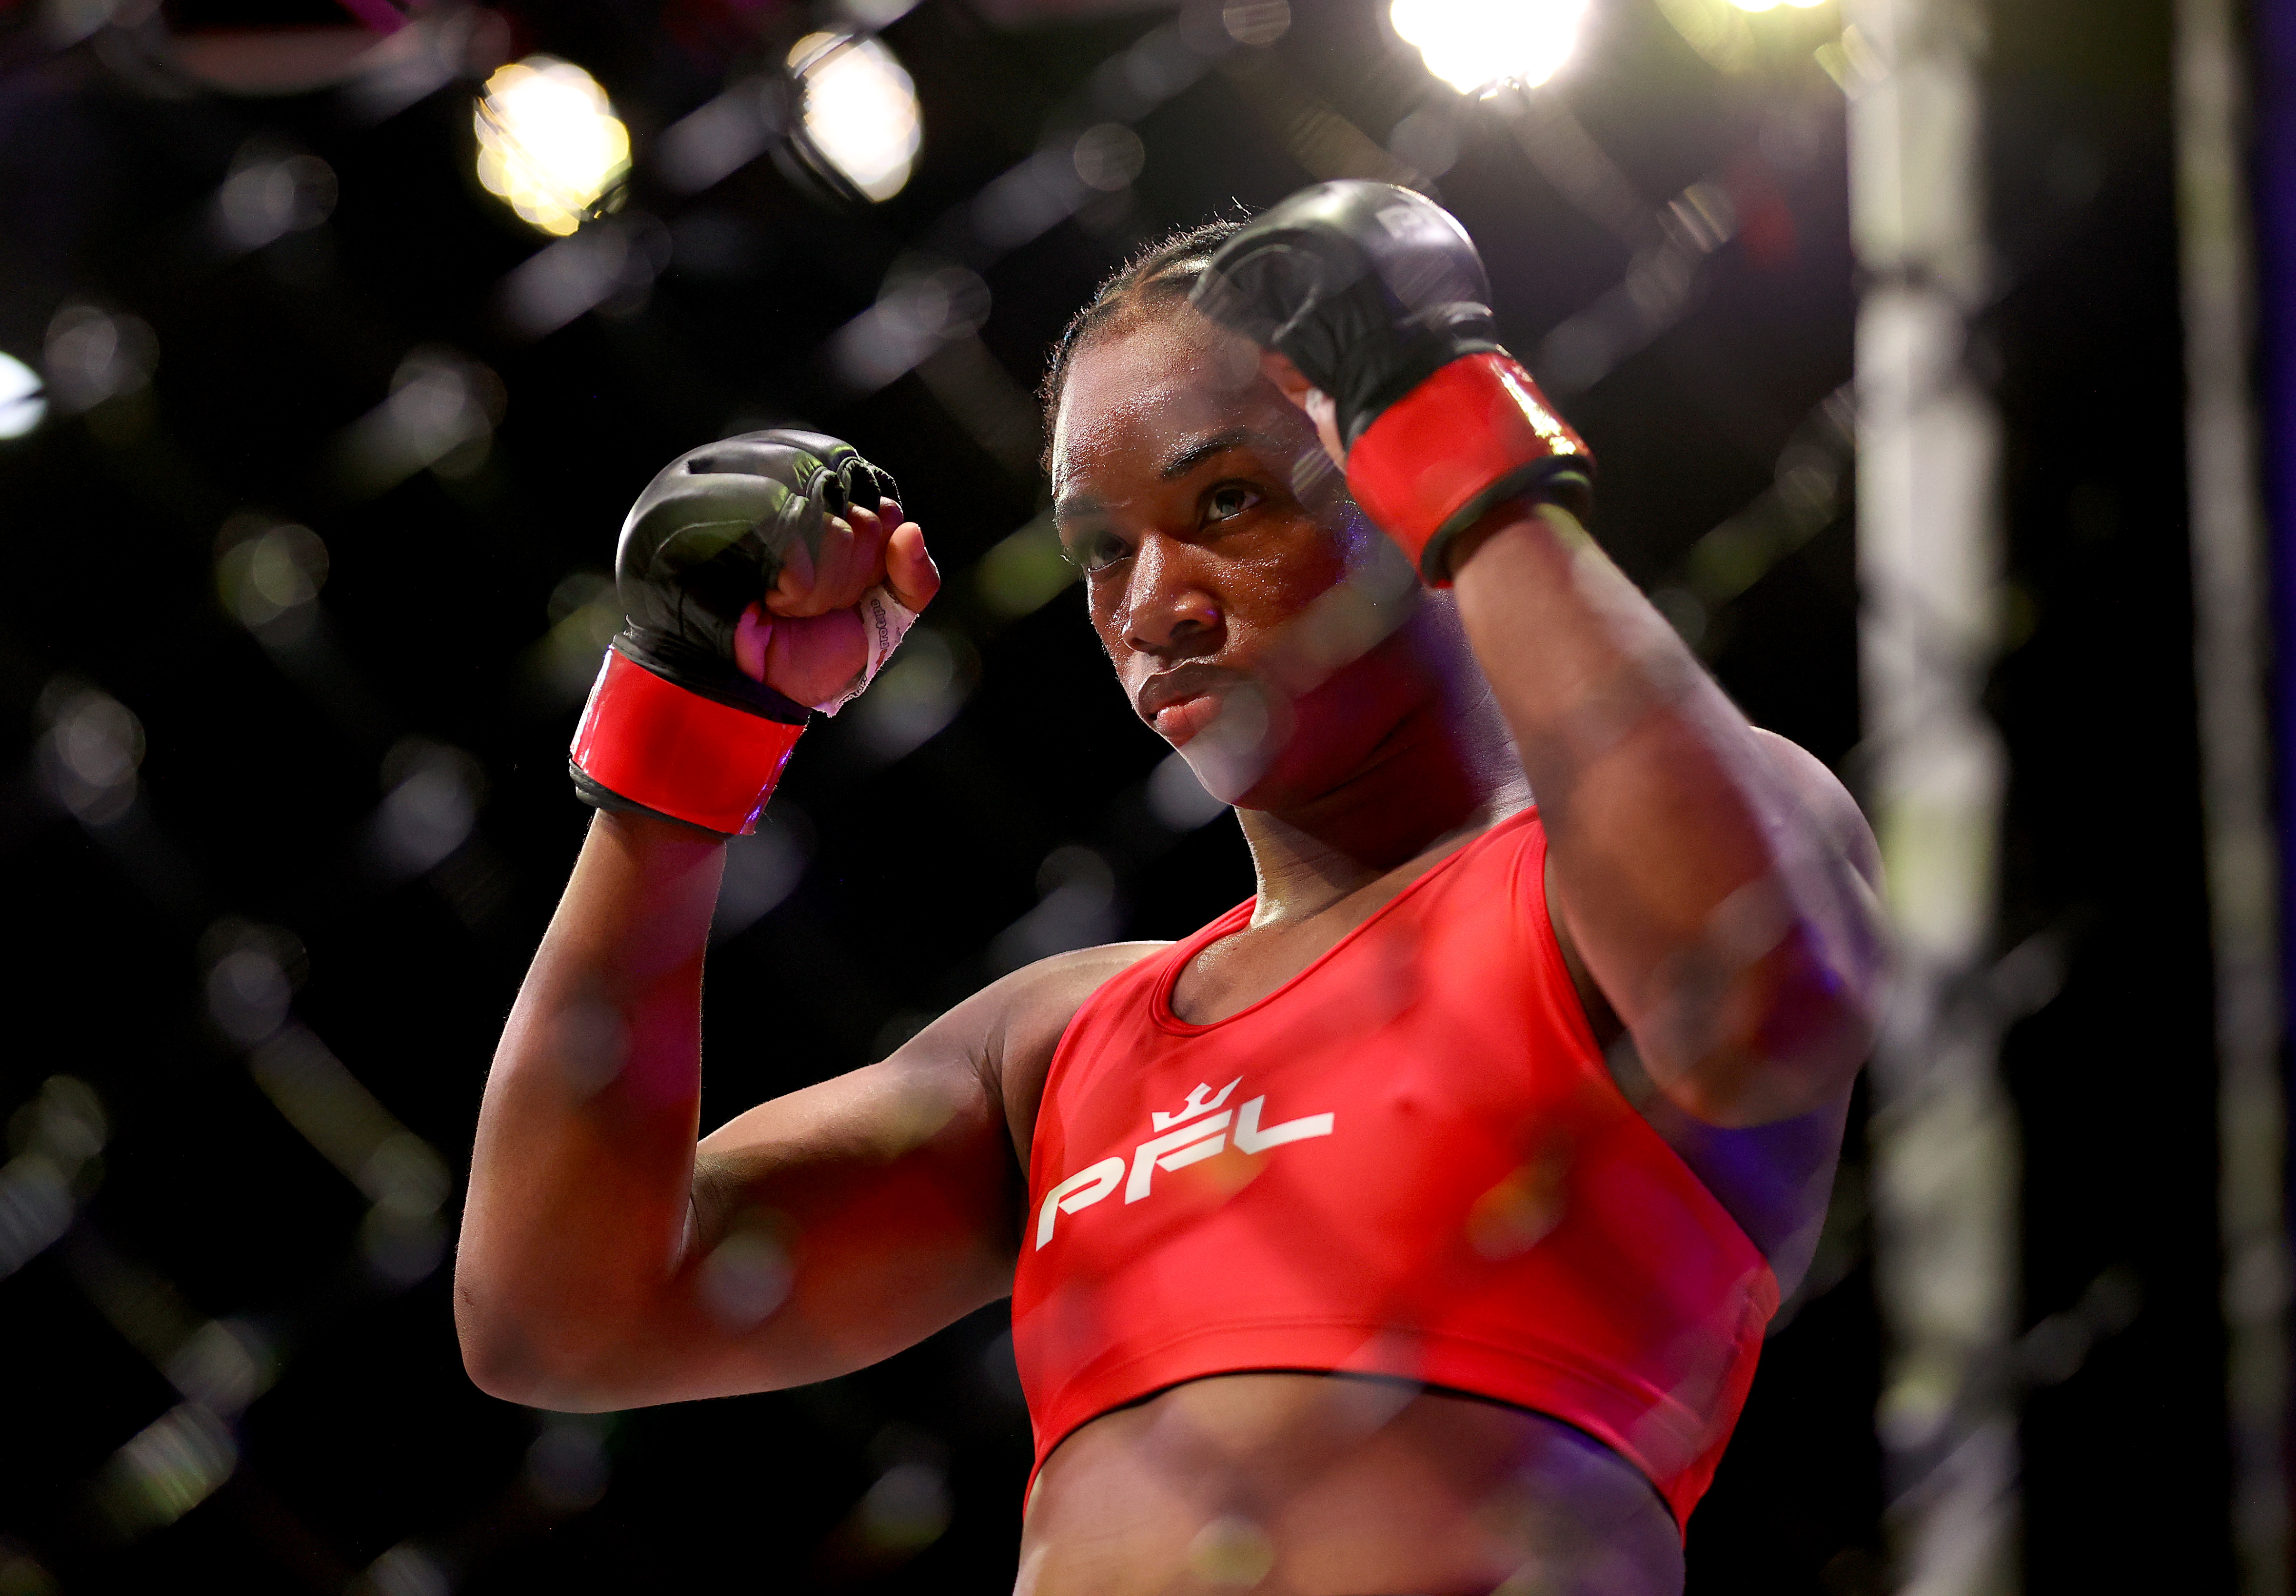 Claressa Shields before her fight against Brittney Elkin at PFL 4.